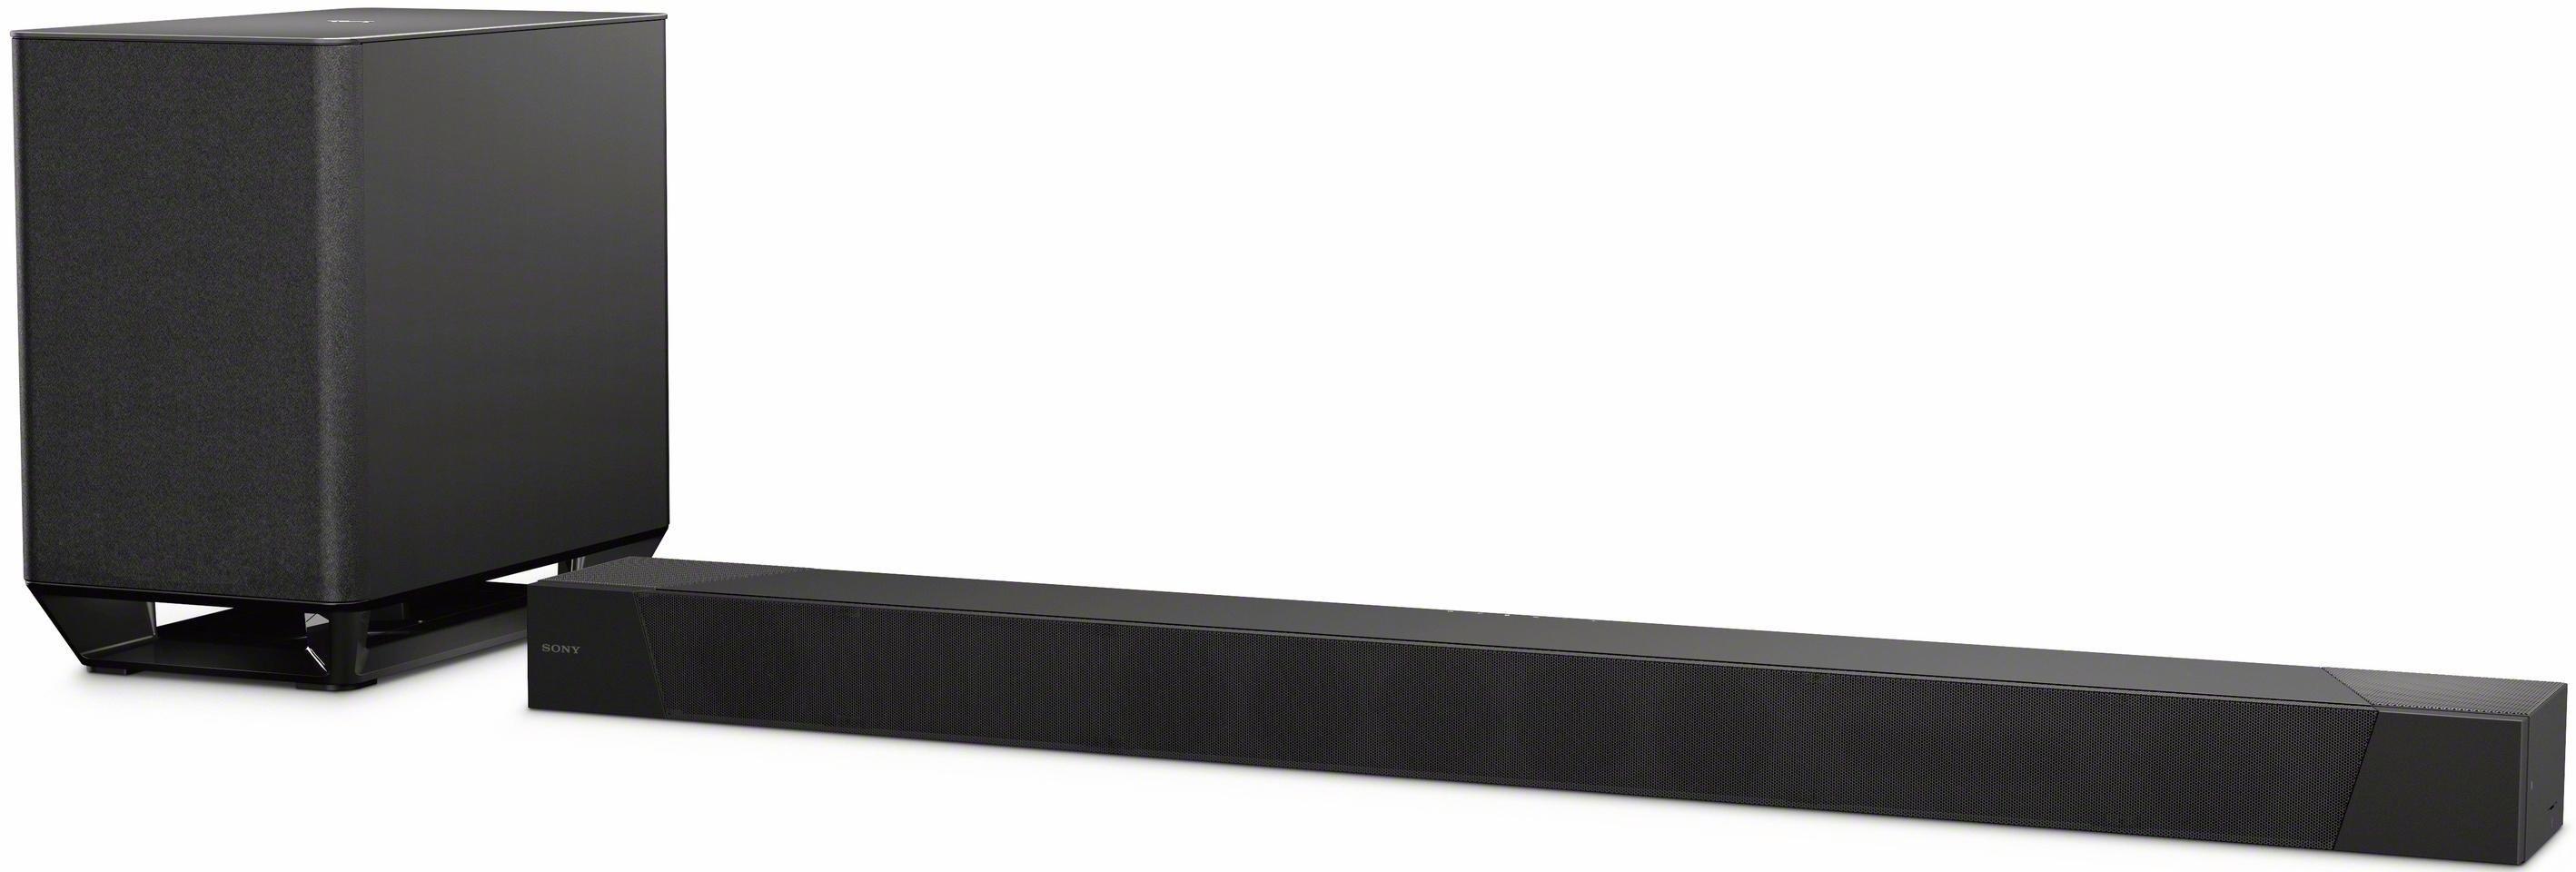 SONY HT-ST5000 7.1-kanaals soundbar met Dolby Atmos nu online kopen bij OTTO